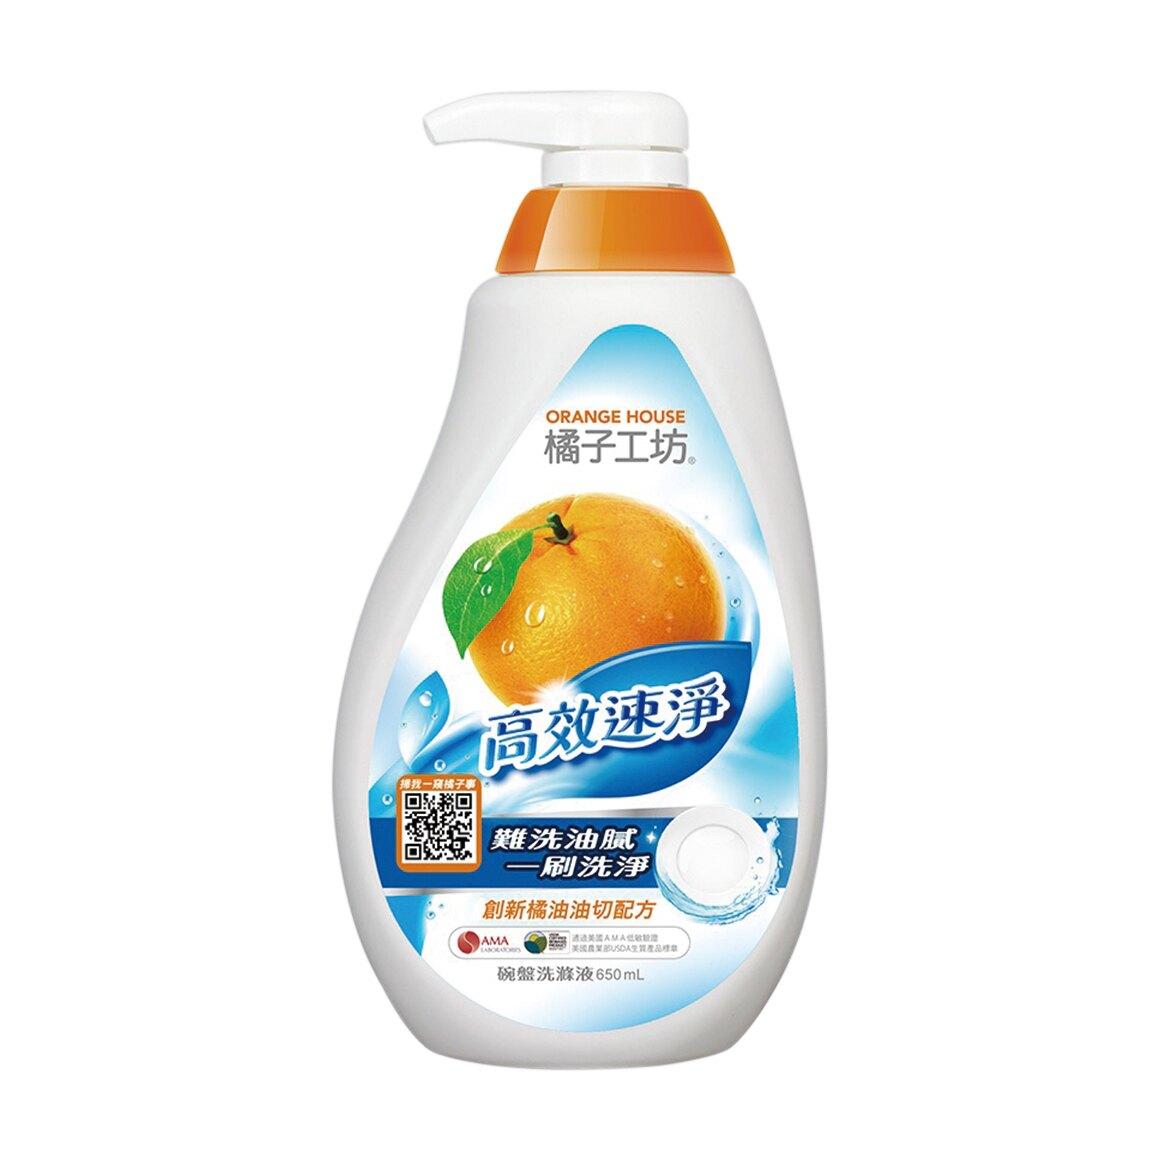 【橘子工坊】高效速淨碗盤洗滌液 650ml/12瓶/箱